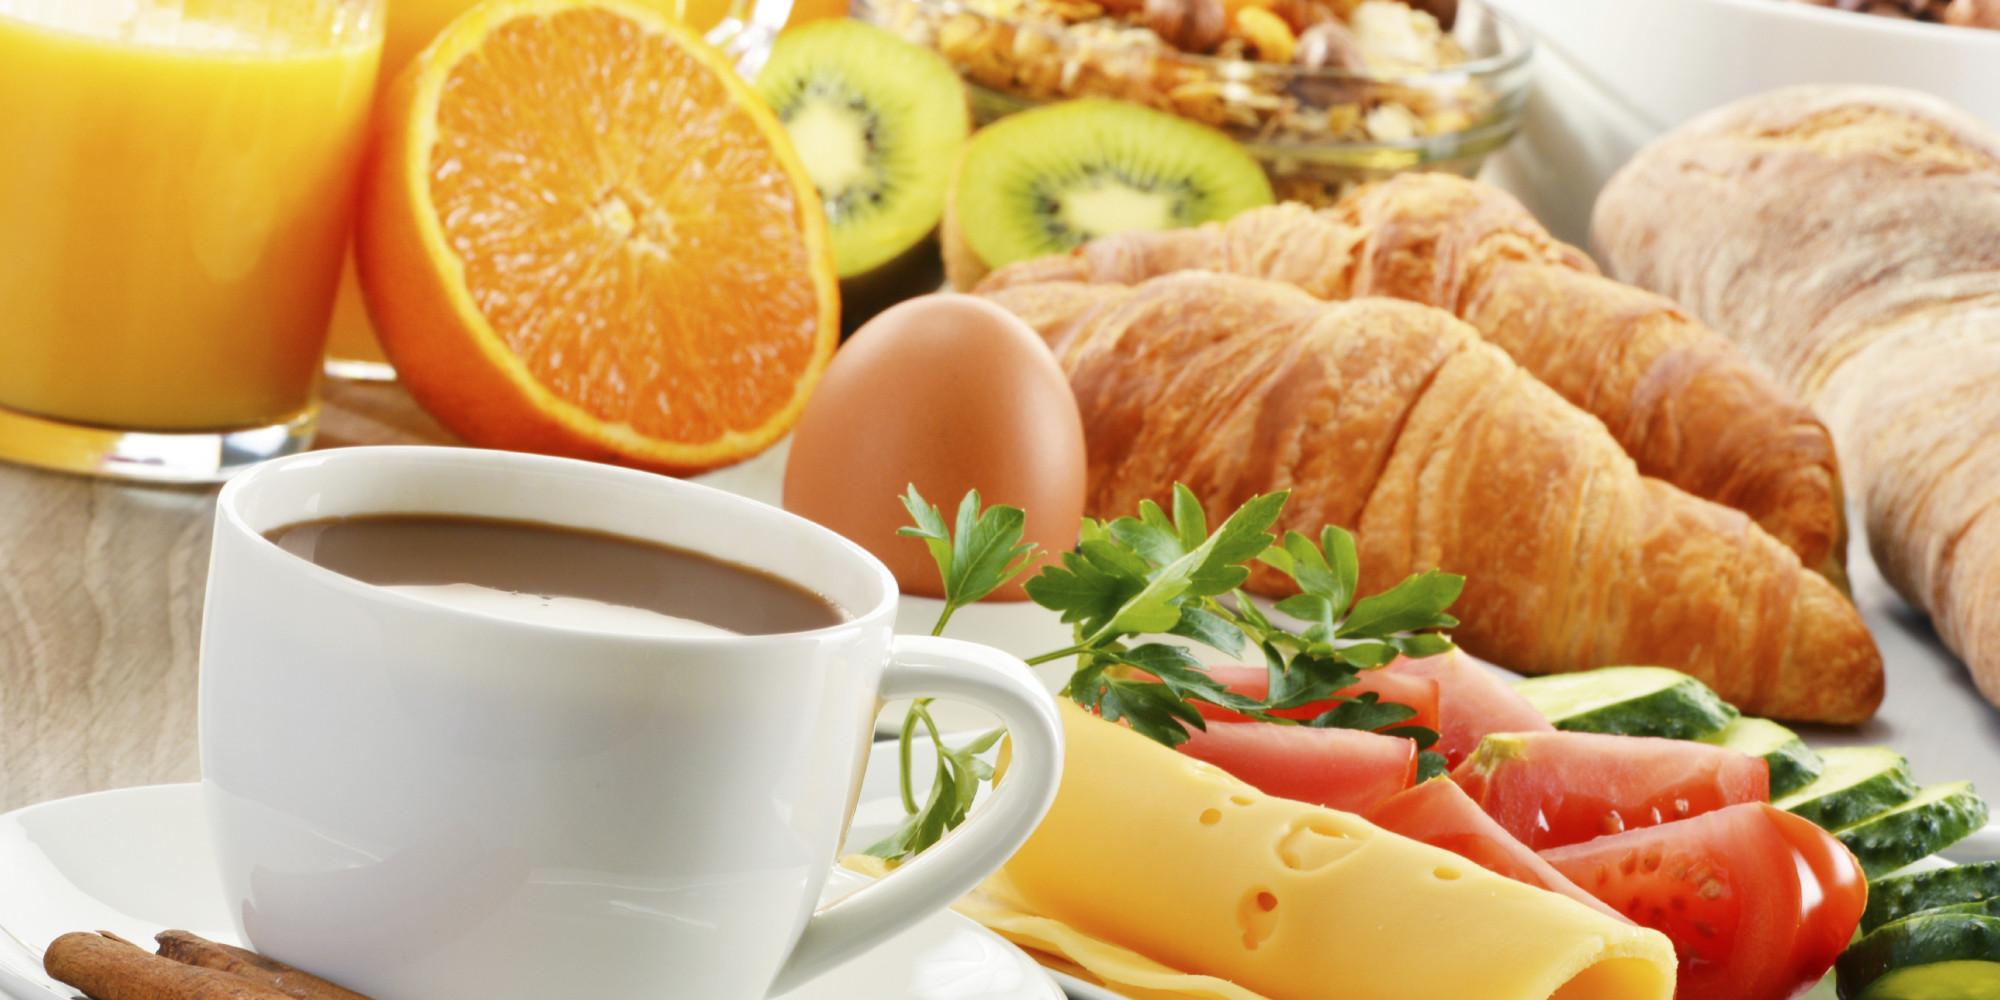 Desayuno variado y natural